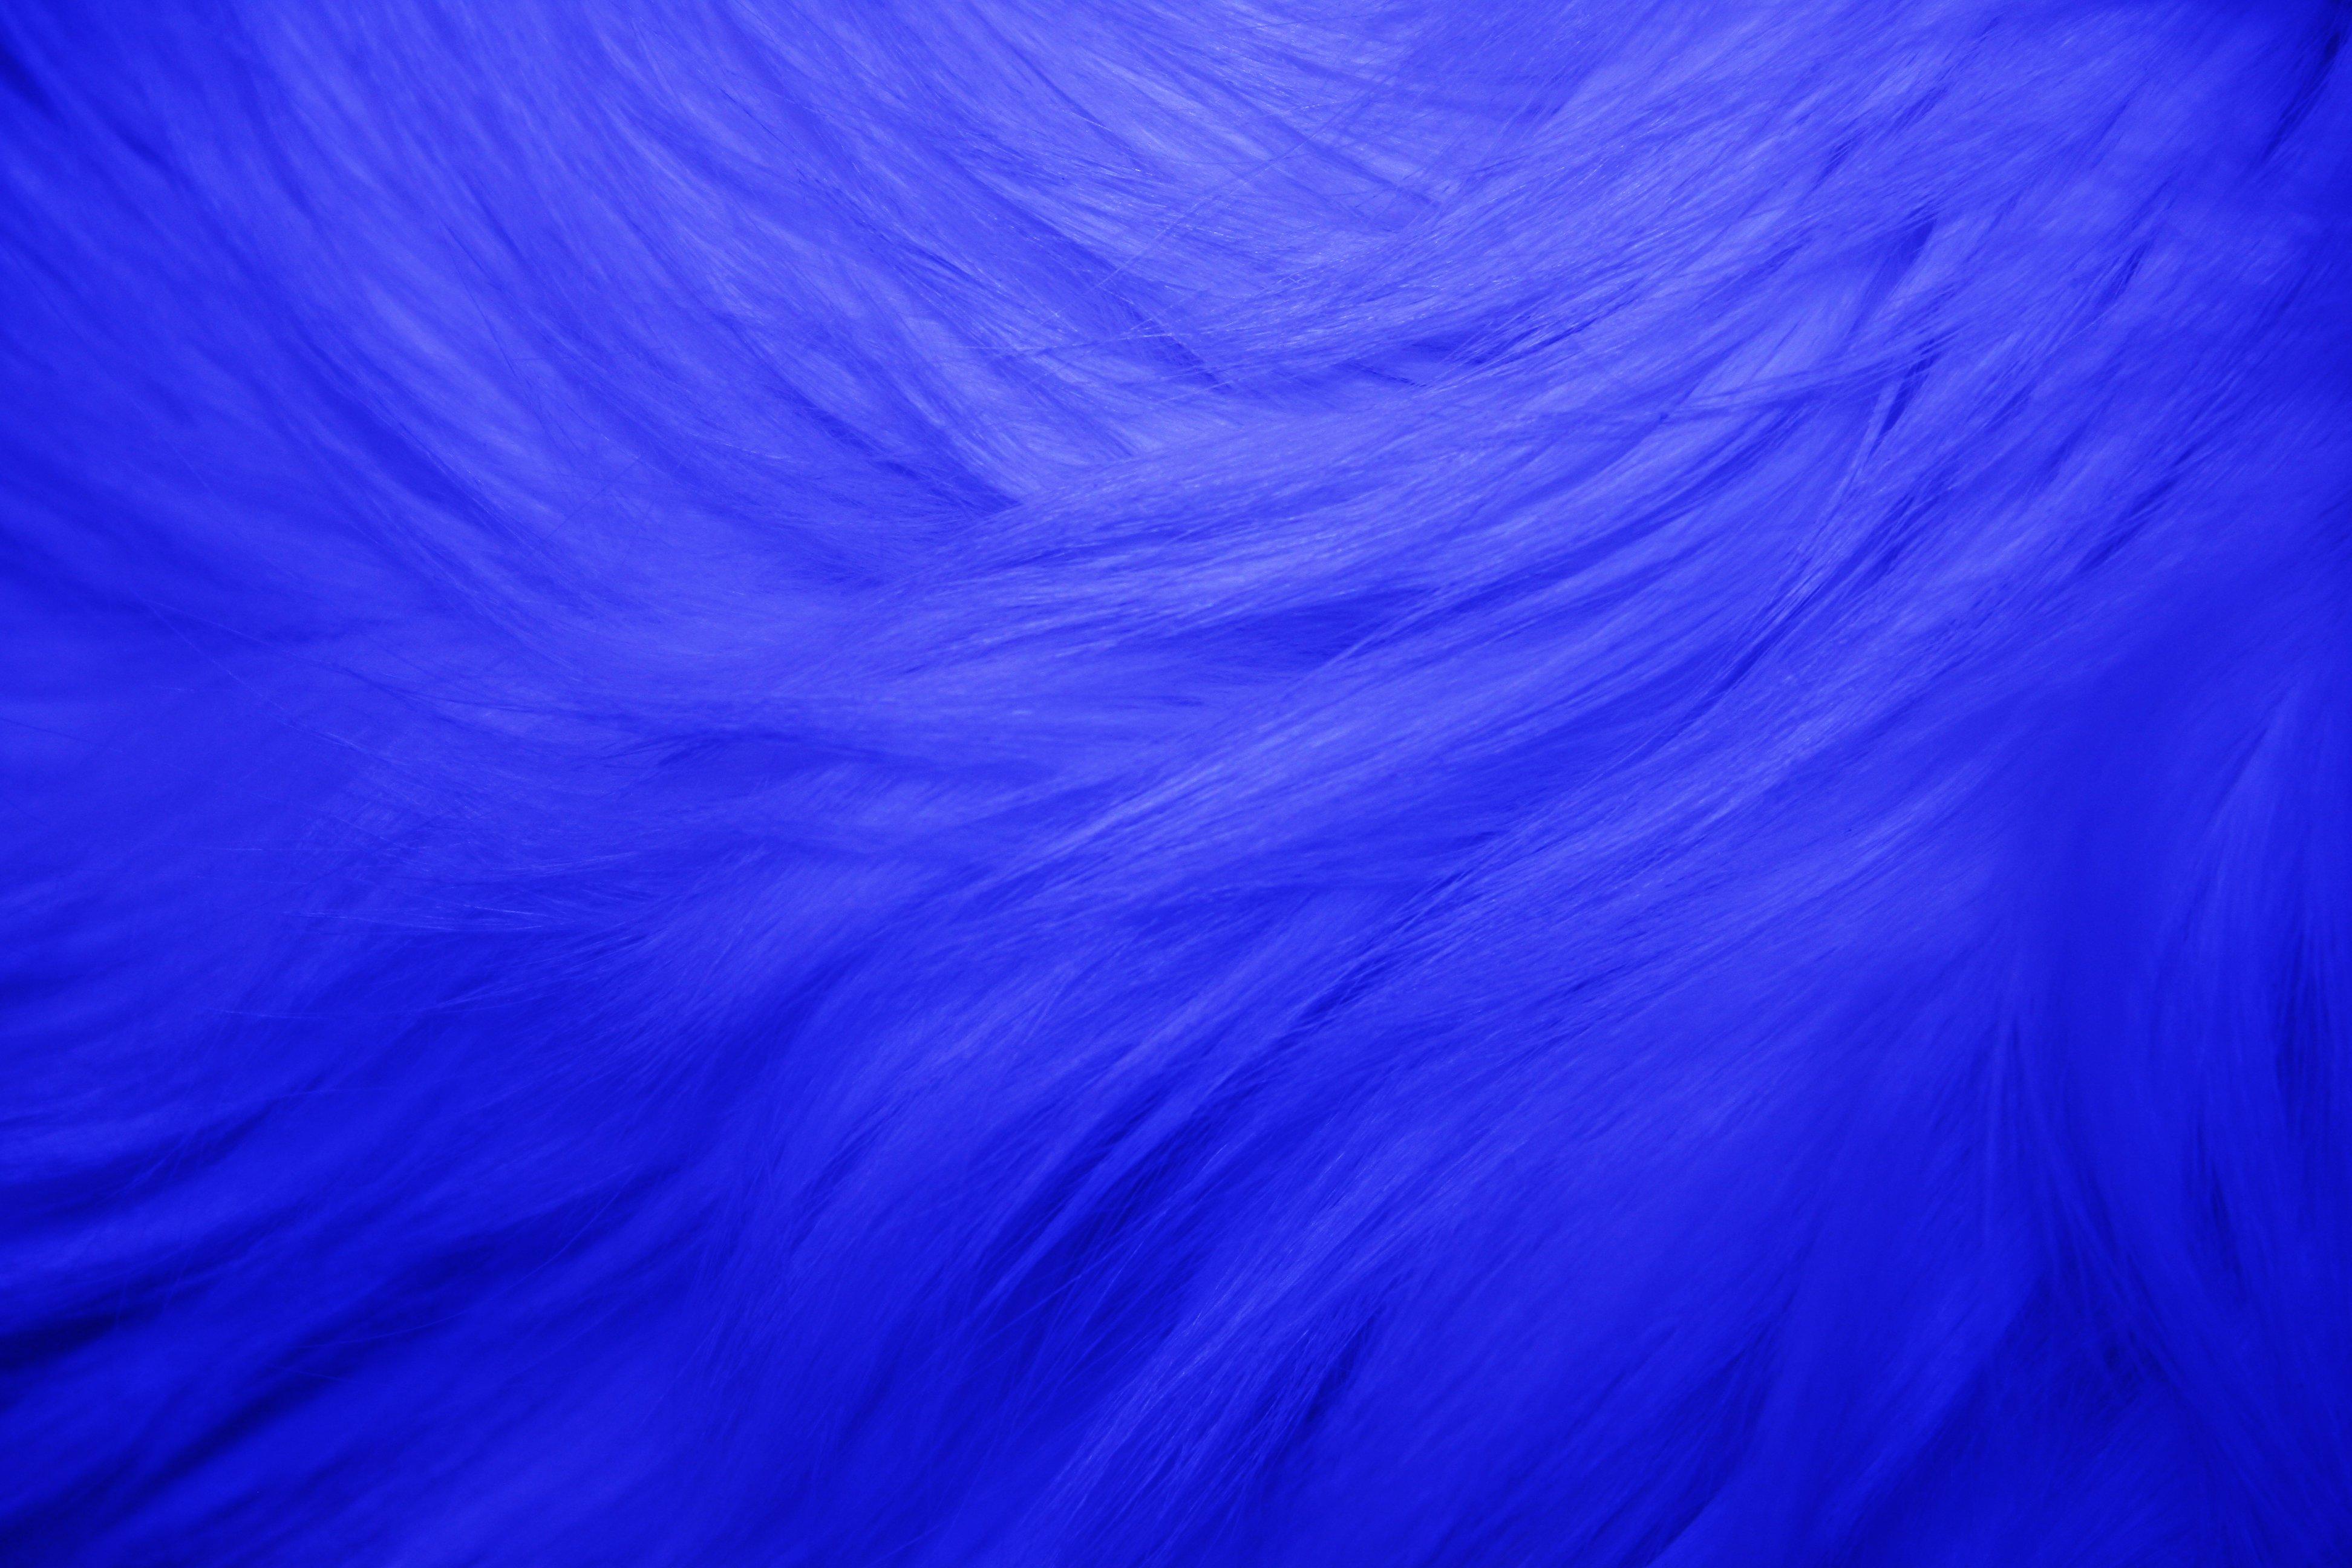 Blue Fur Texture Picture   Free Photograph   Photos Public Domain